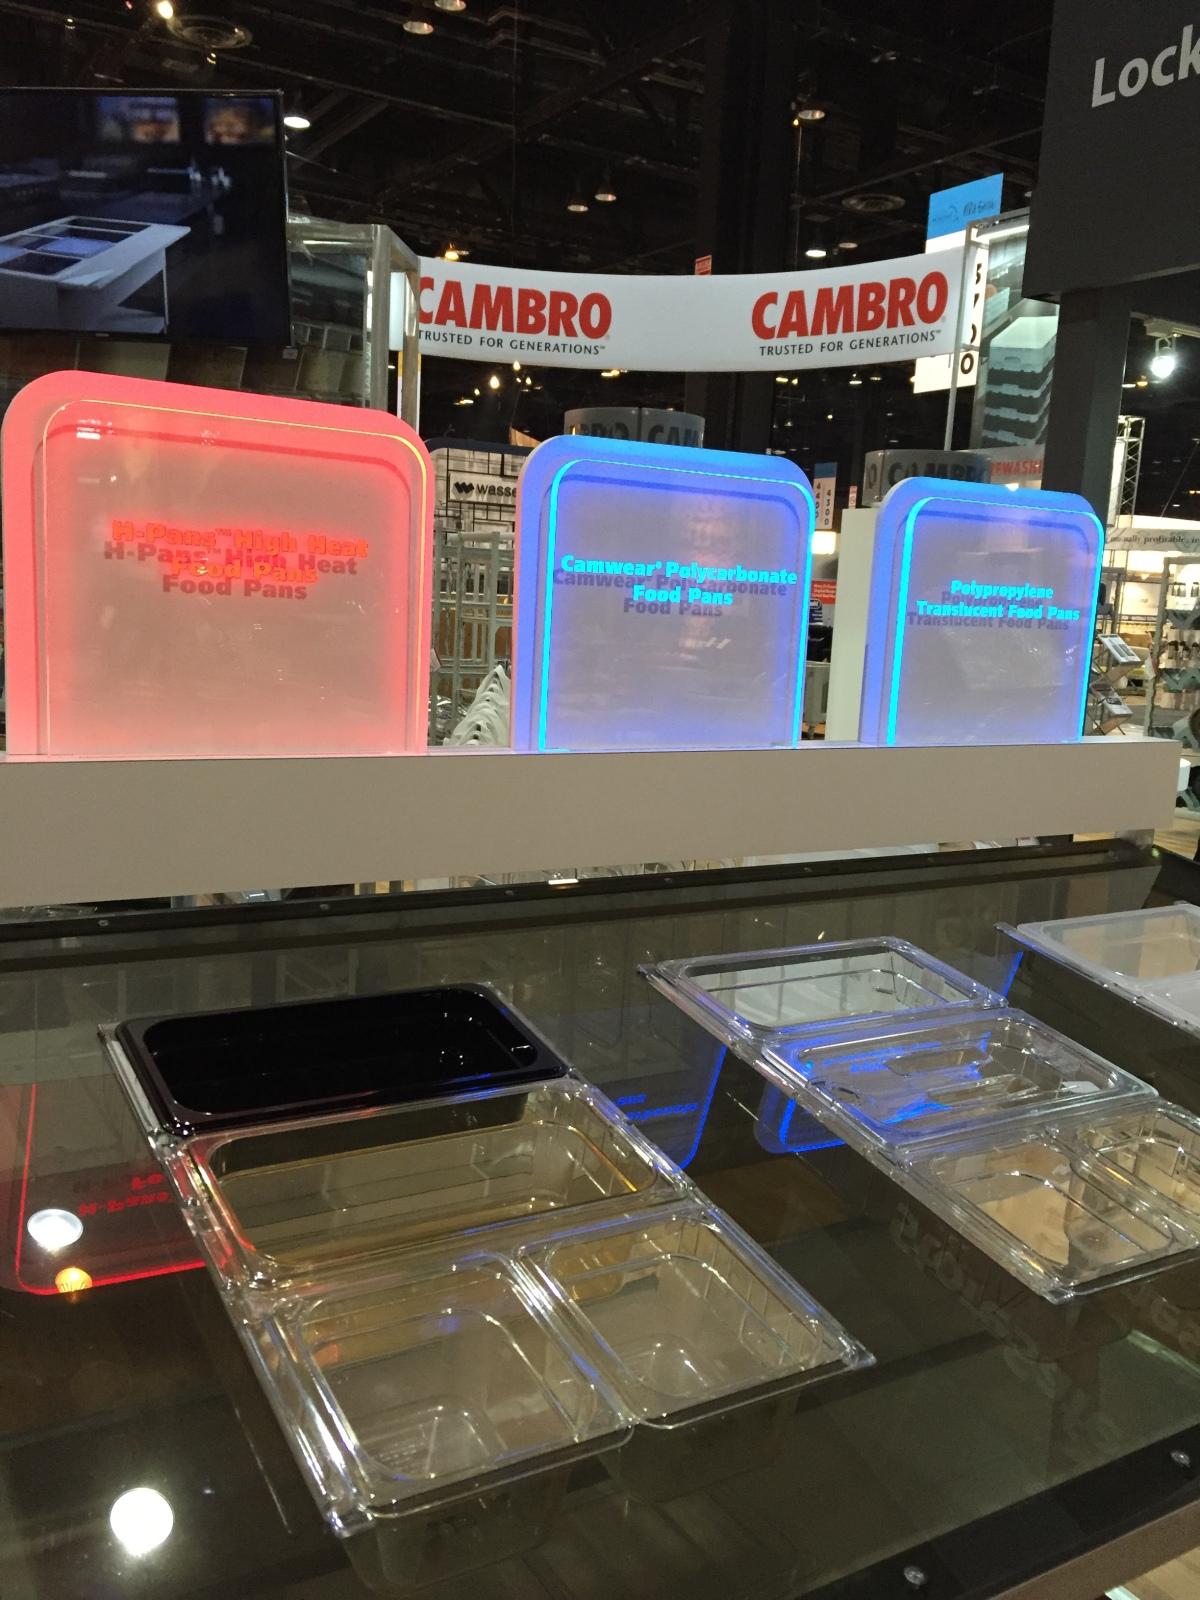 Cambro Booth - NRA 2015